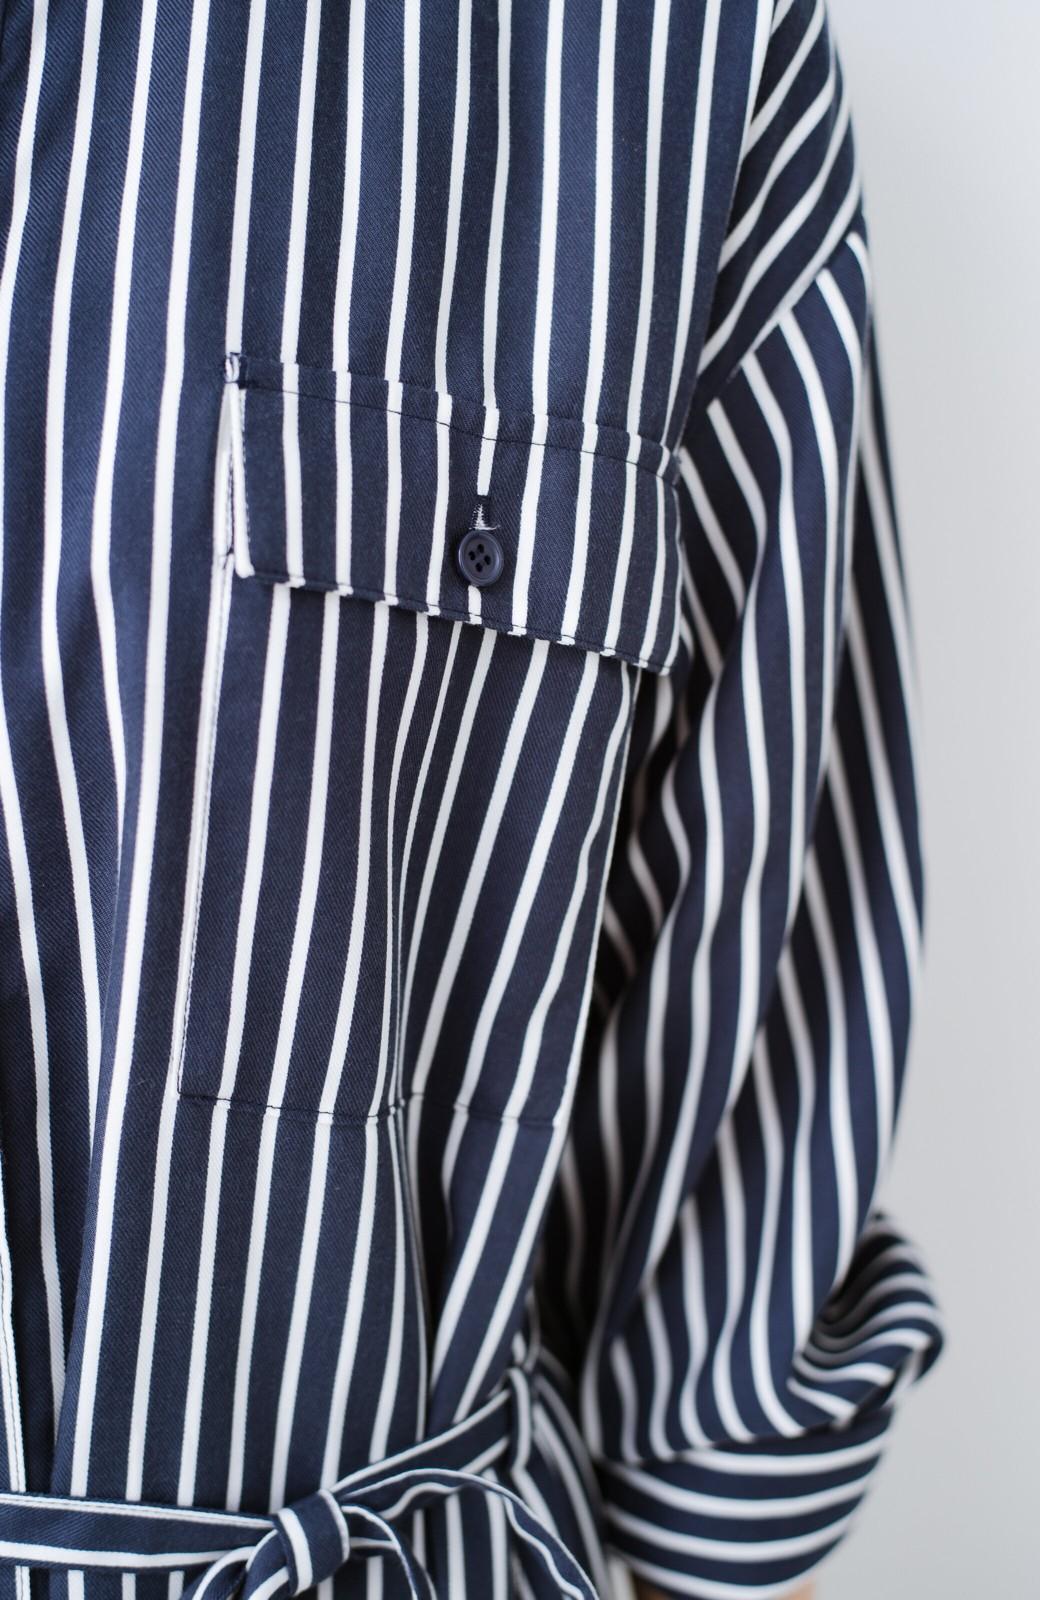 haco! 長ーーい季節着られる! 単品づかいはもちろん重ね着も楽しいシャツワンピース  <ネイビー>の商品写真4